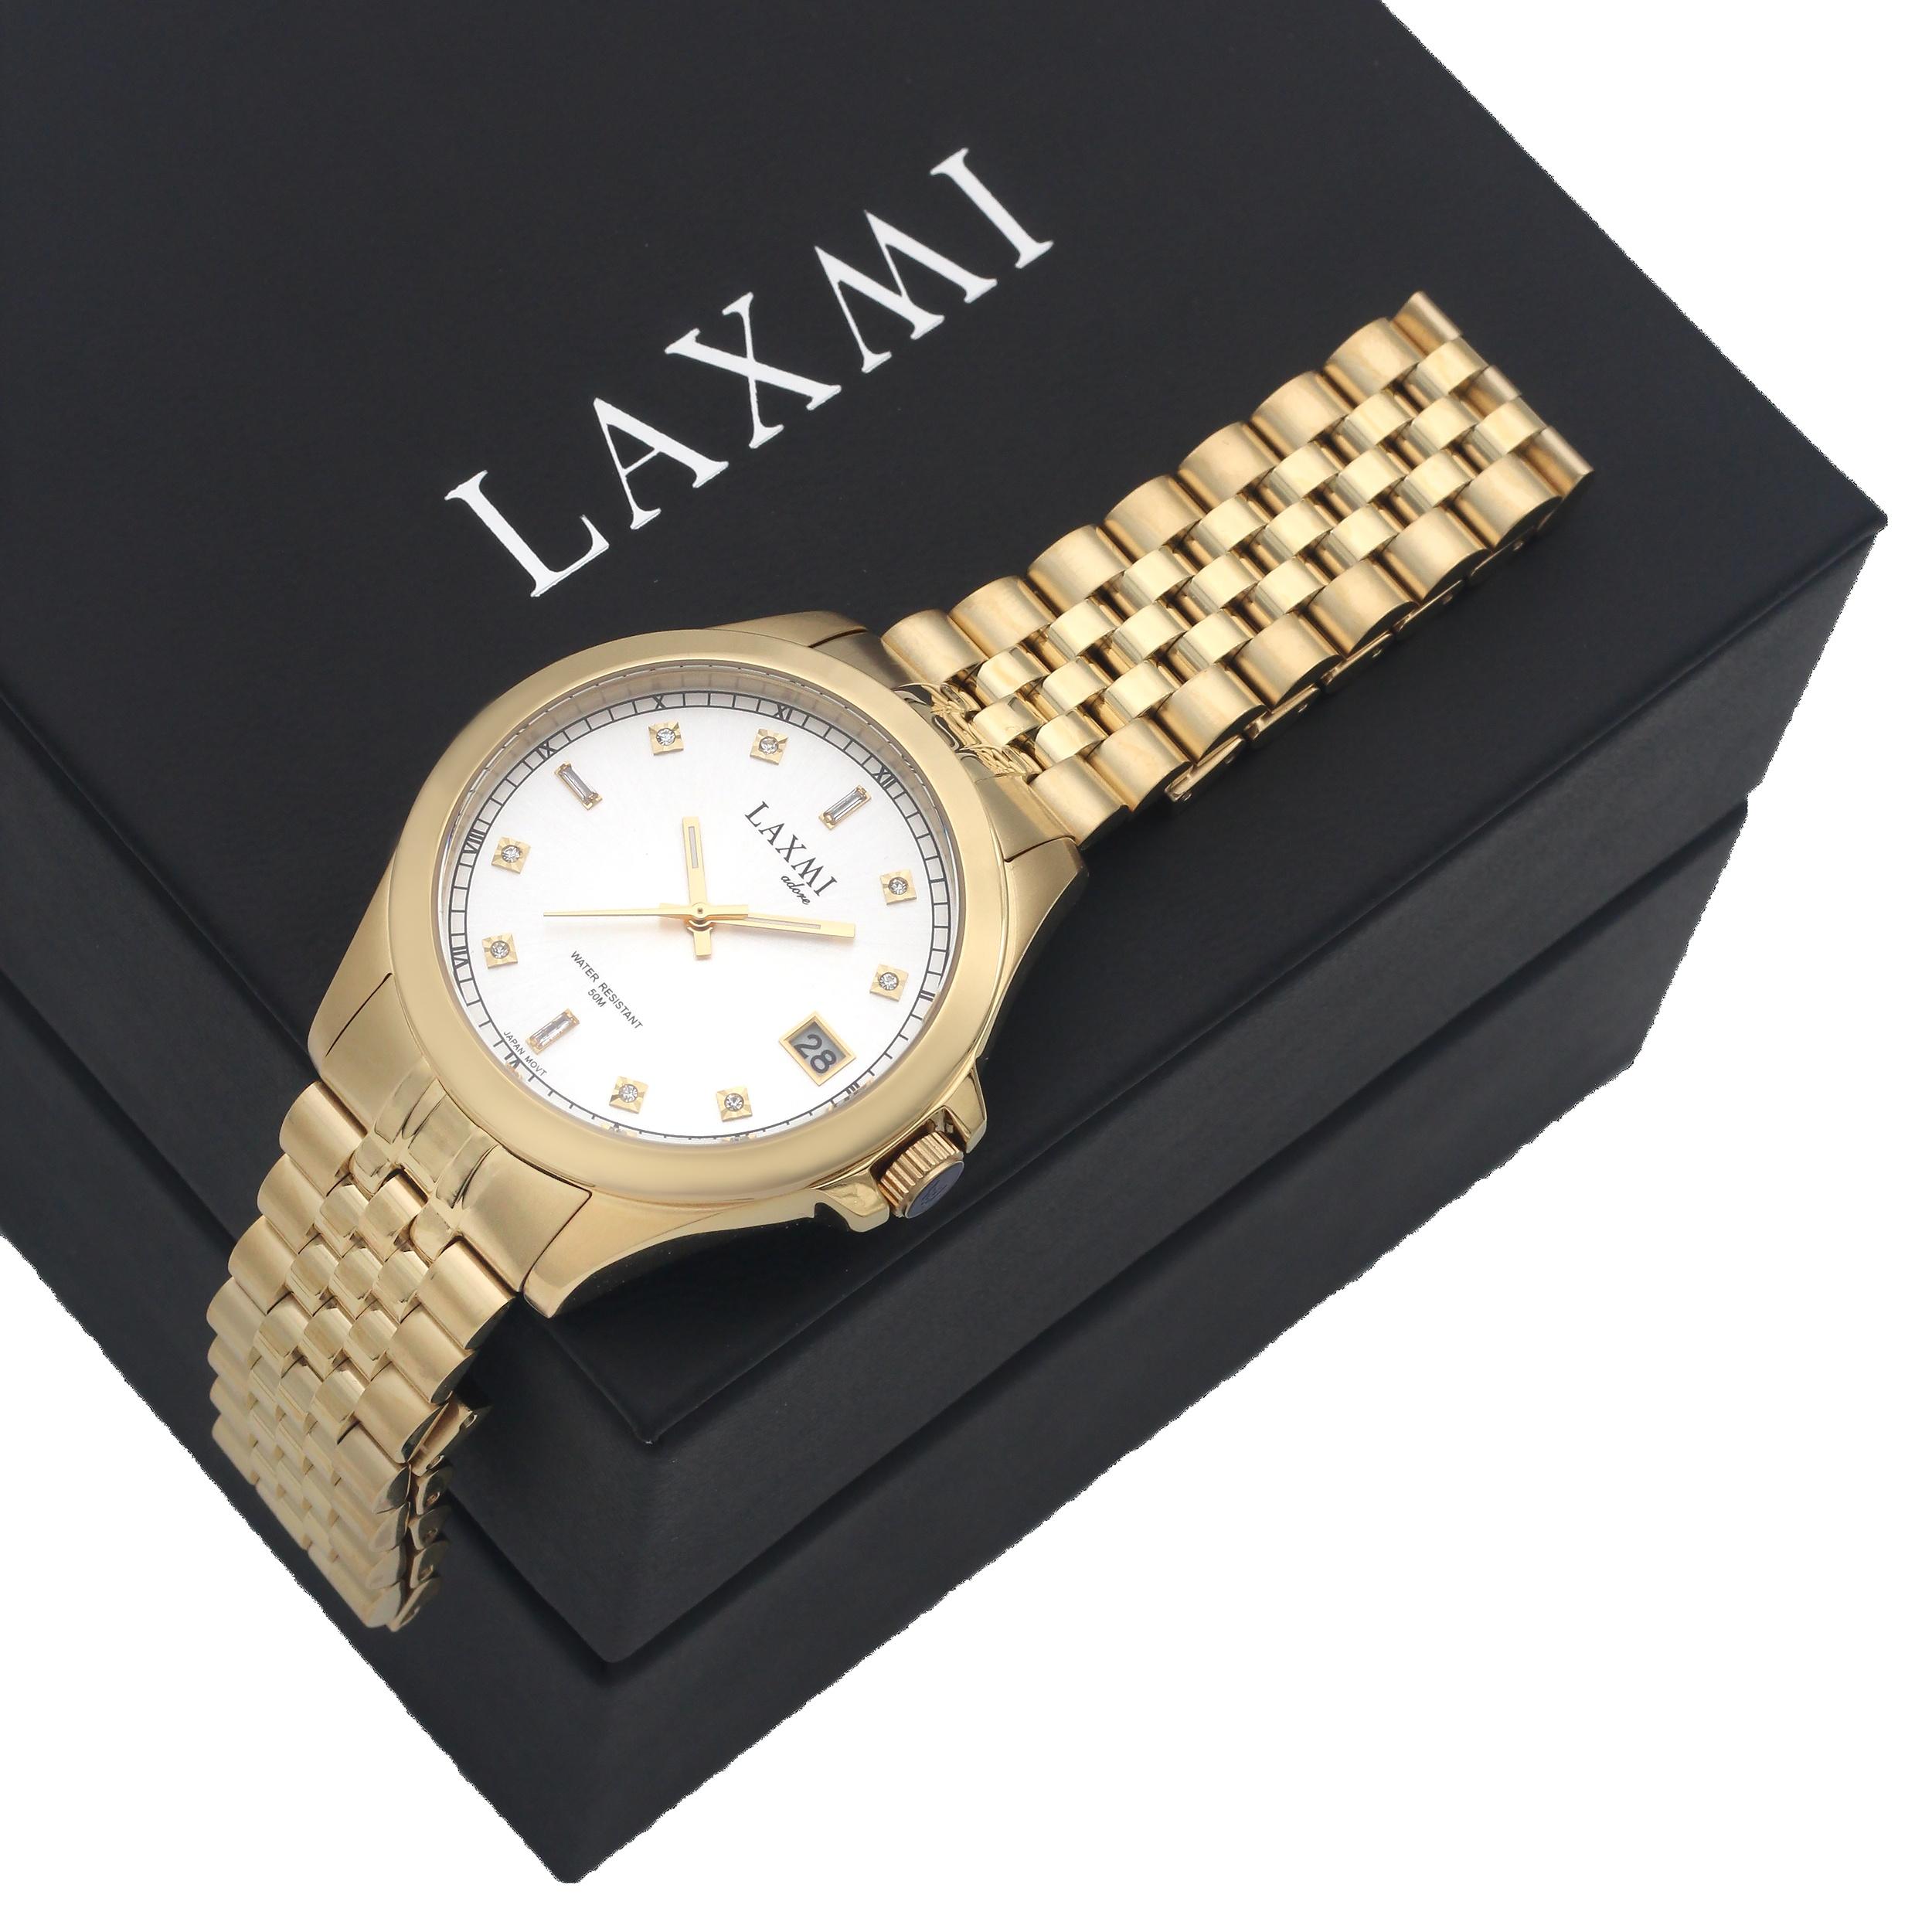 ست ساعت مچی عقربه ای زنانه و مردانه  لاکسمی مدل 8506L